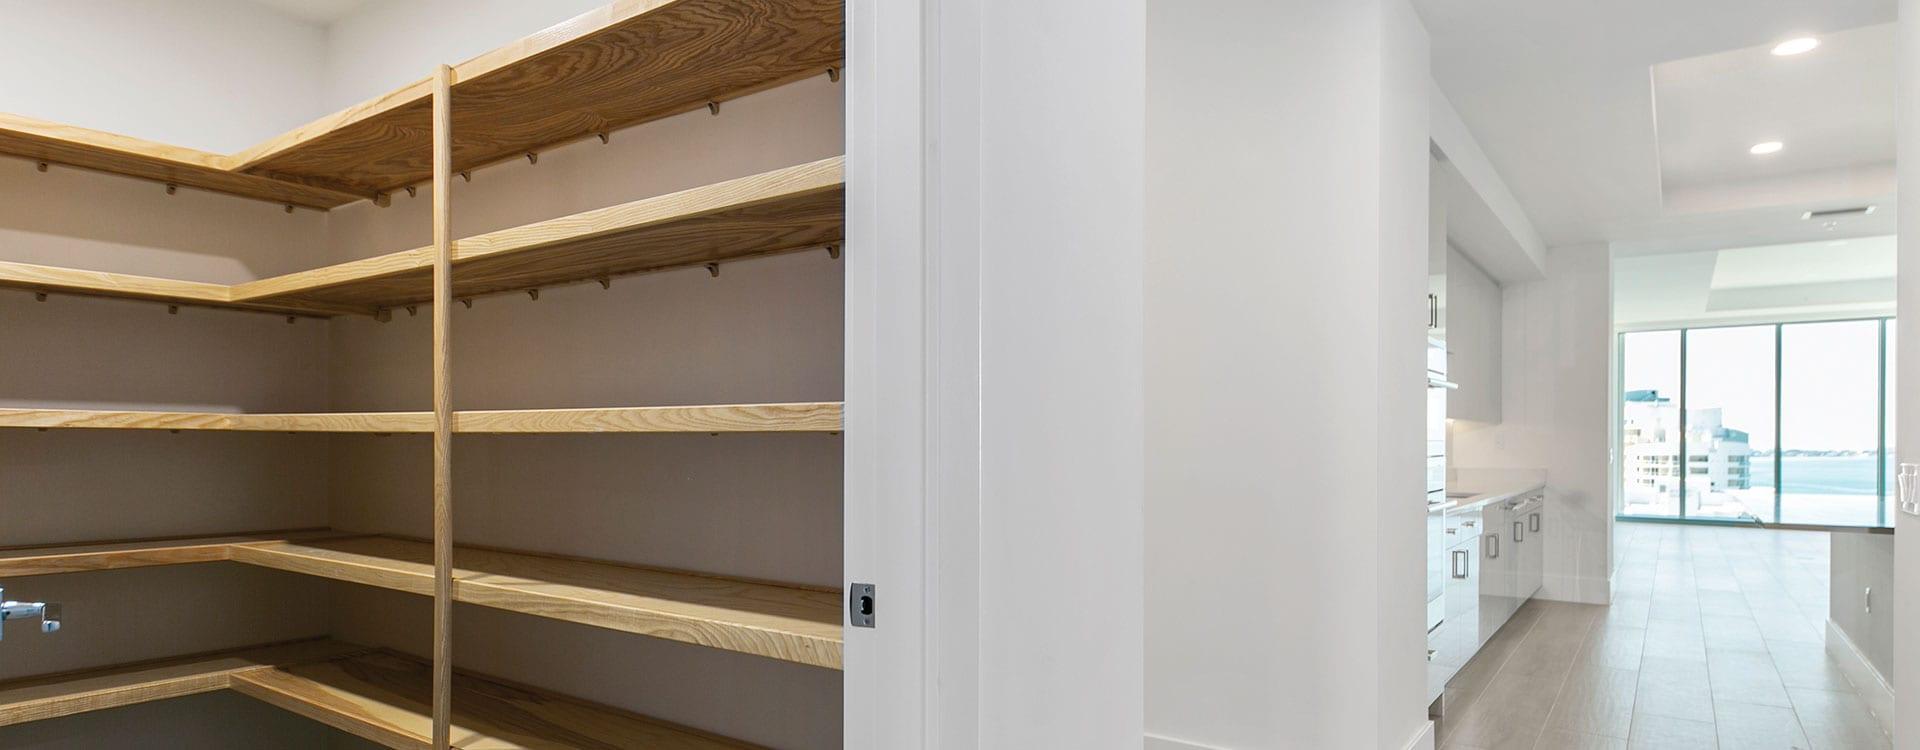 BLVD Residence 1503 Kitchen Pantry